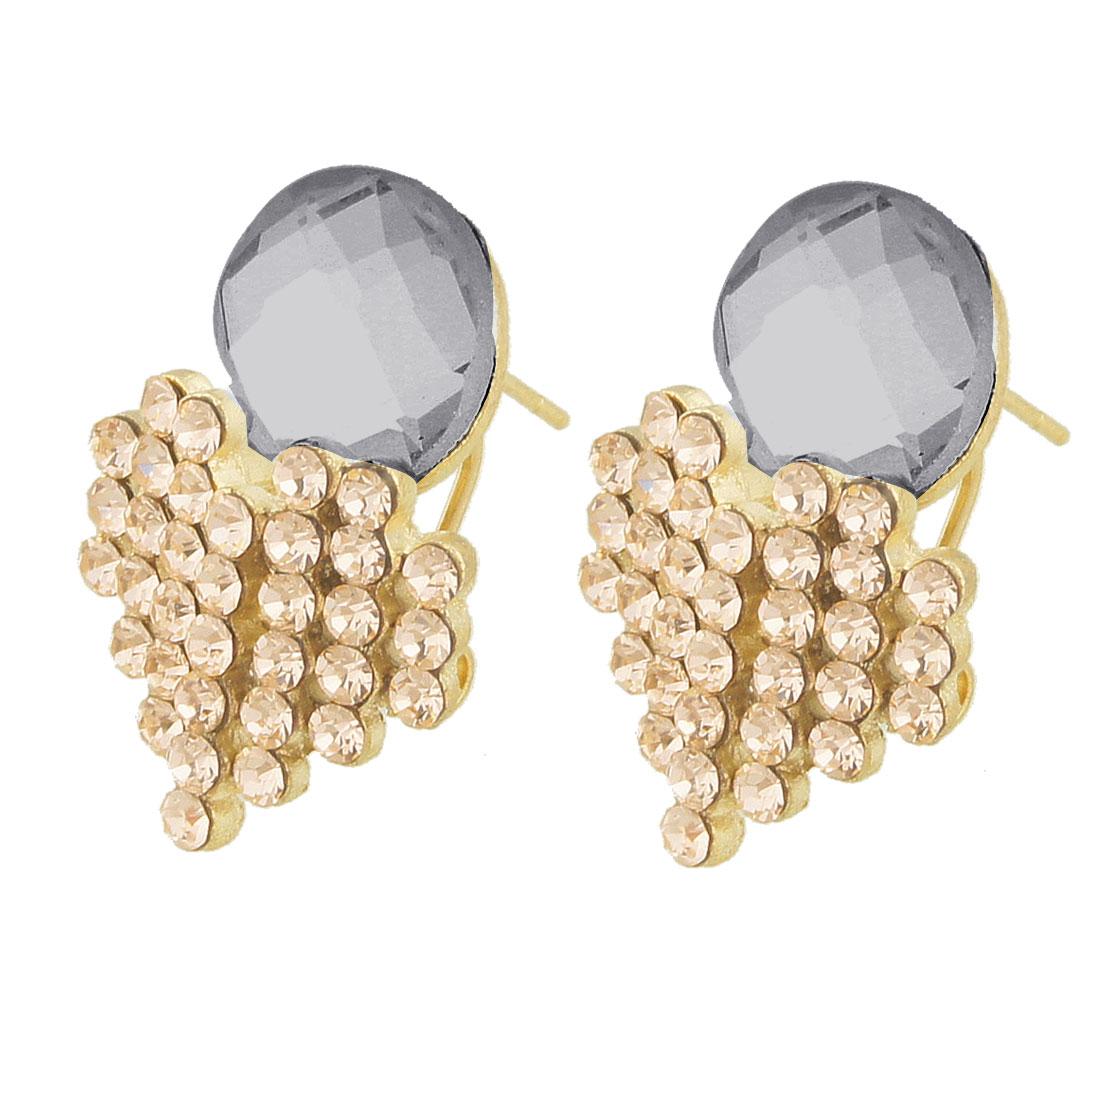 Ladies Dark Gray Crystal Decor Rhinestone Bunch Earbob Pierced Earrings Pair